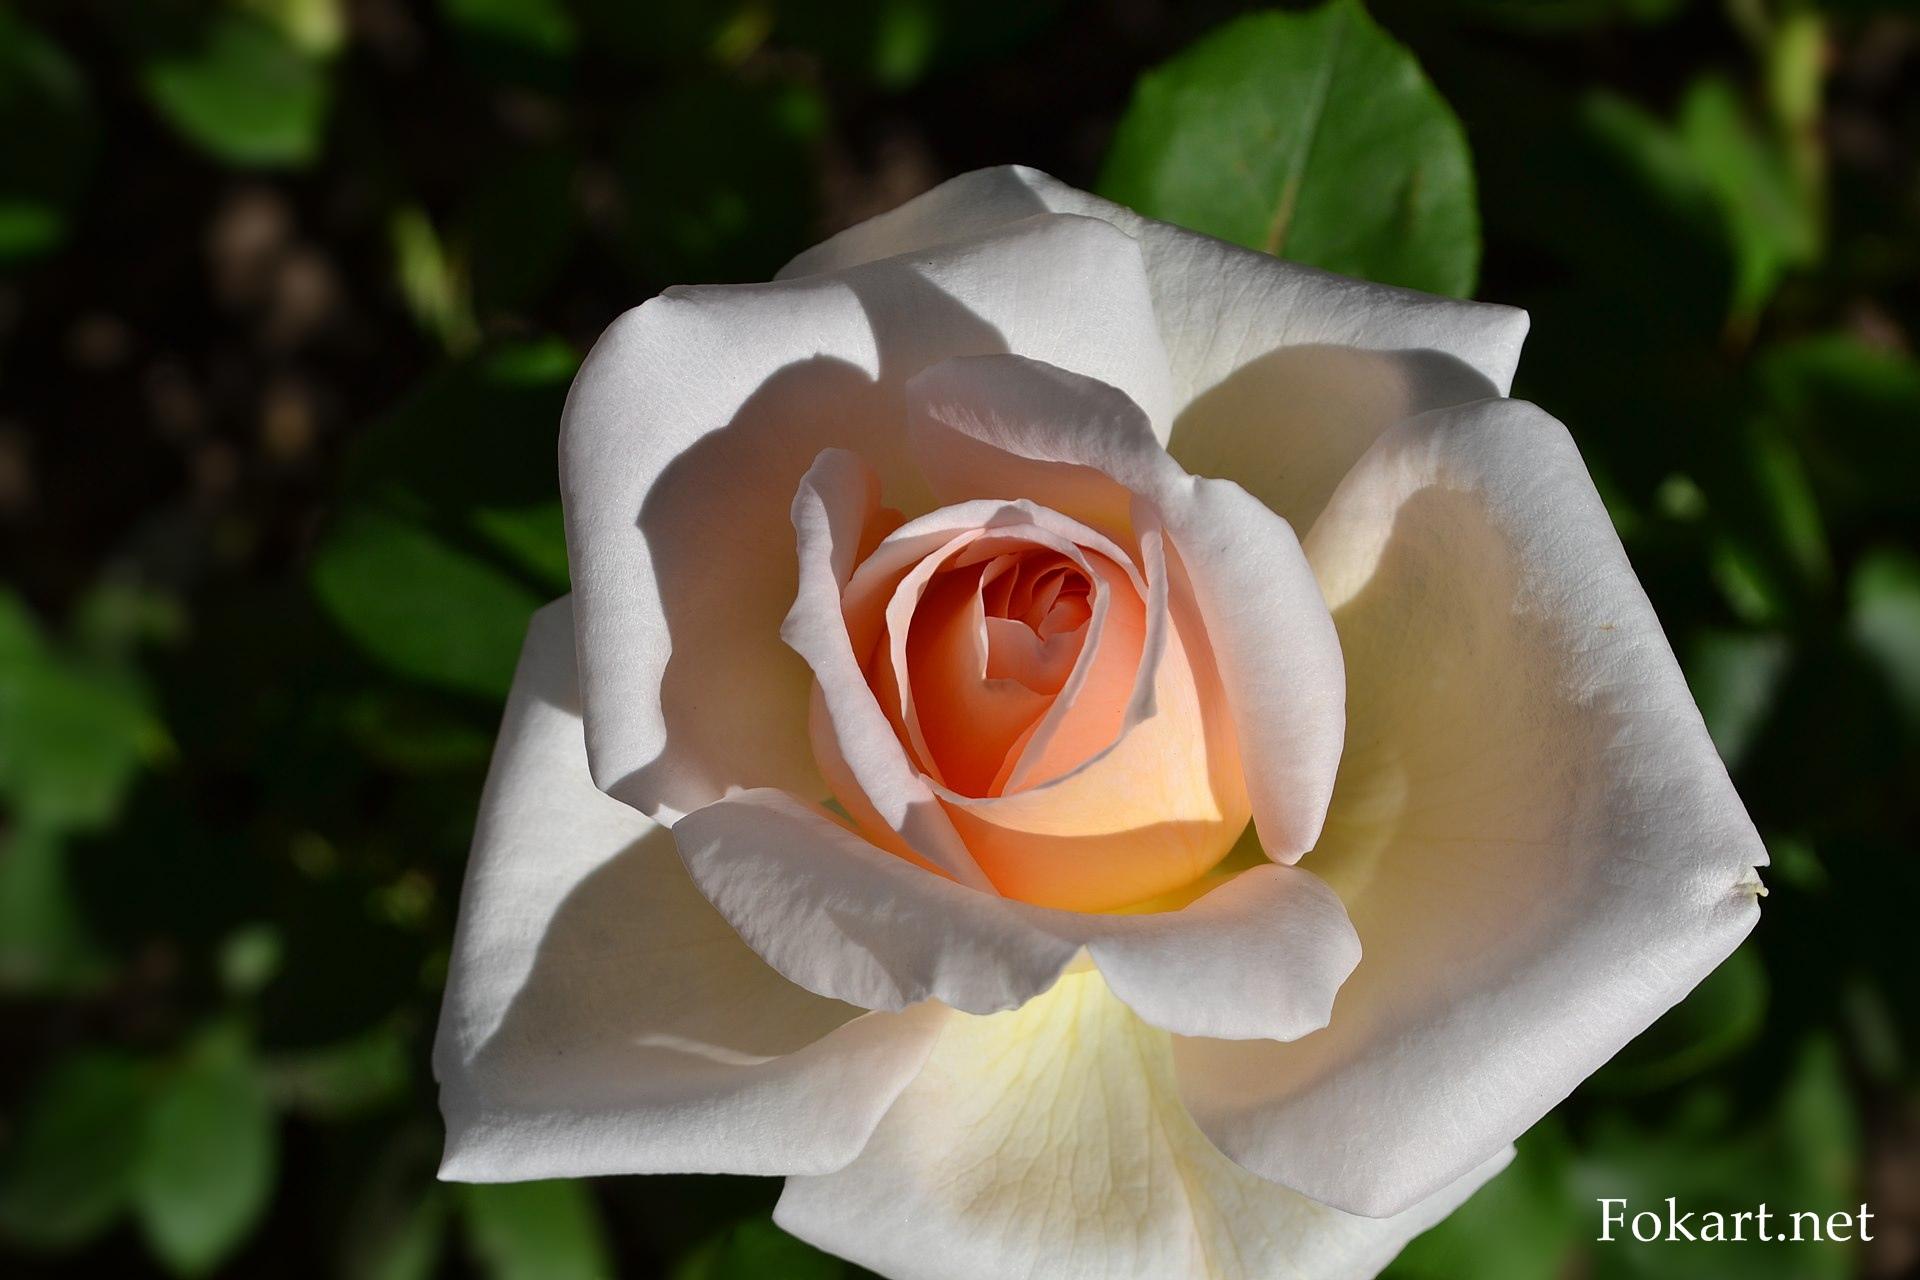 Светлая роза с кремовыми лепестками, в серединке — абрикосовая